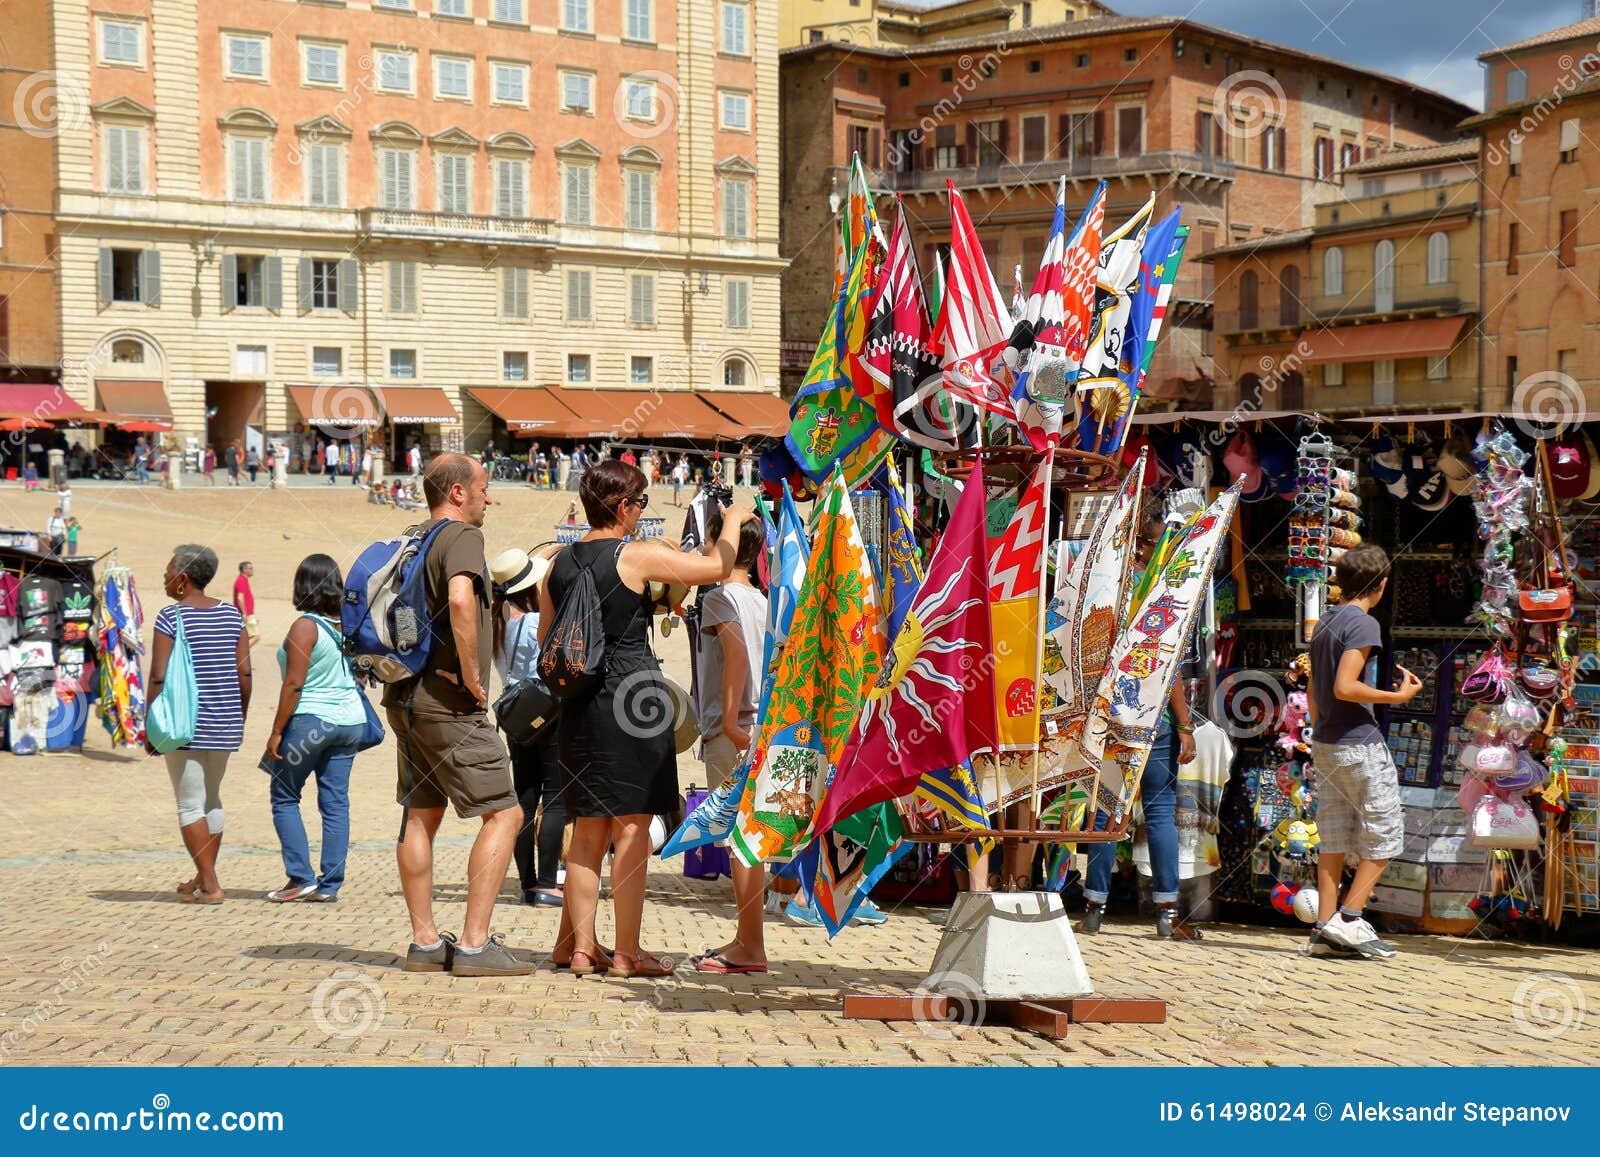 48509a98bdd268 De Toeristen Rond De Herinnering Winkelen In Siena